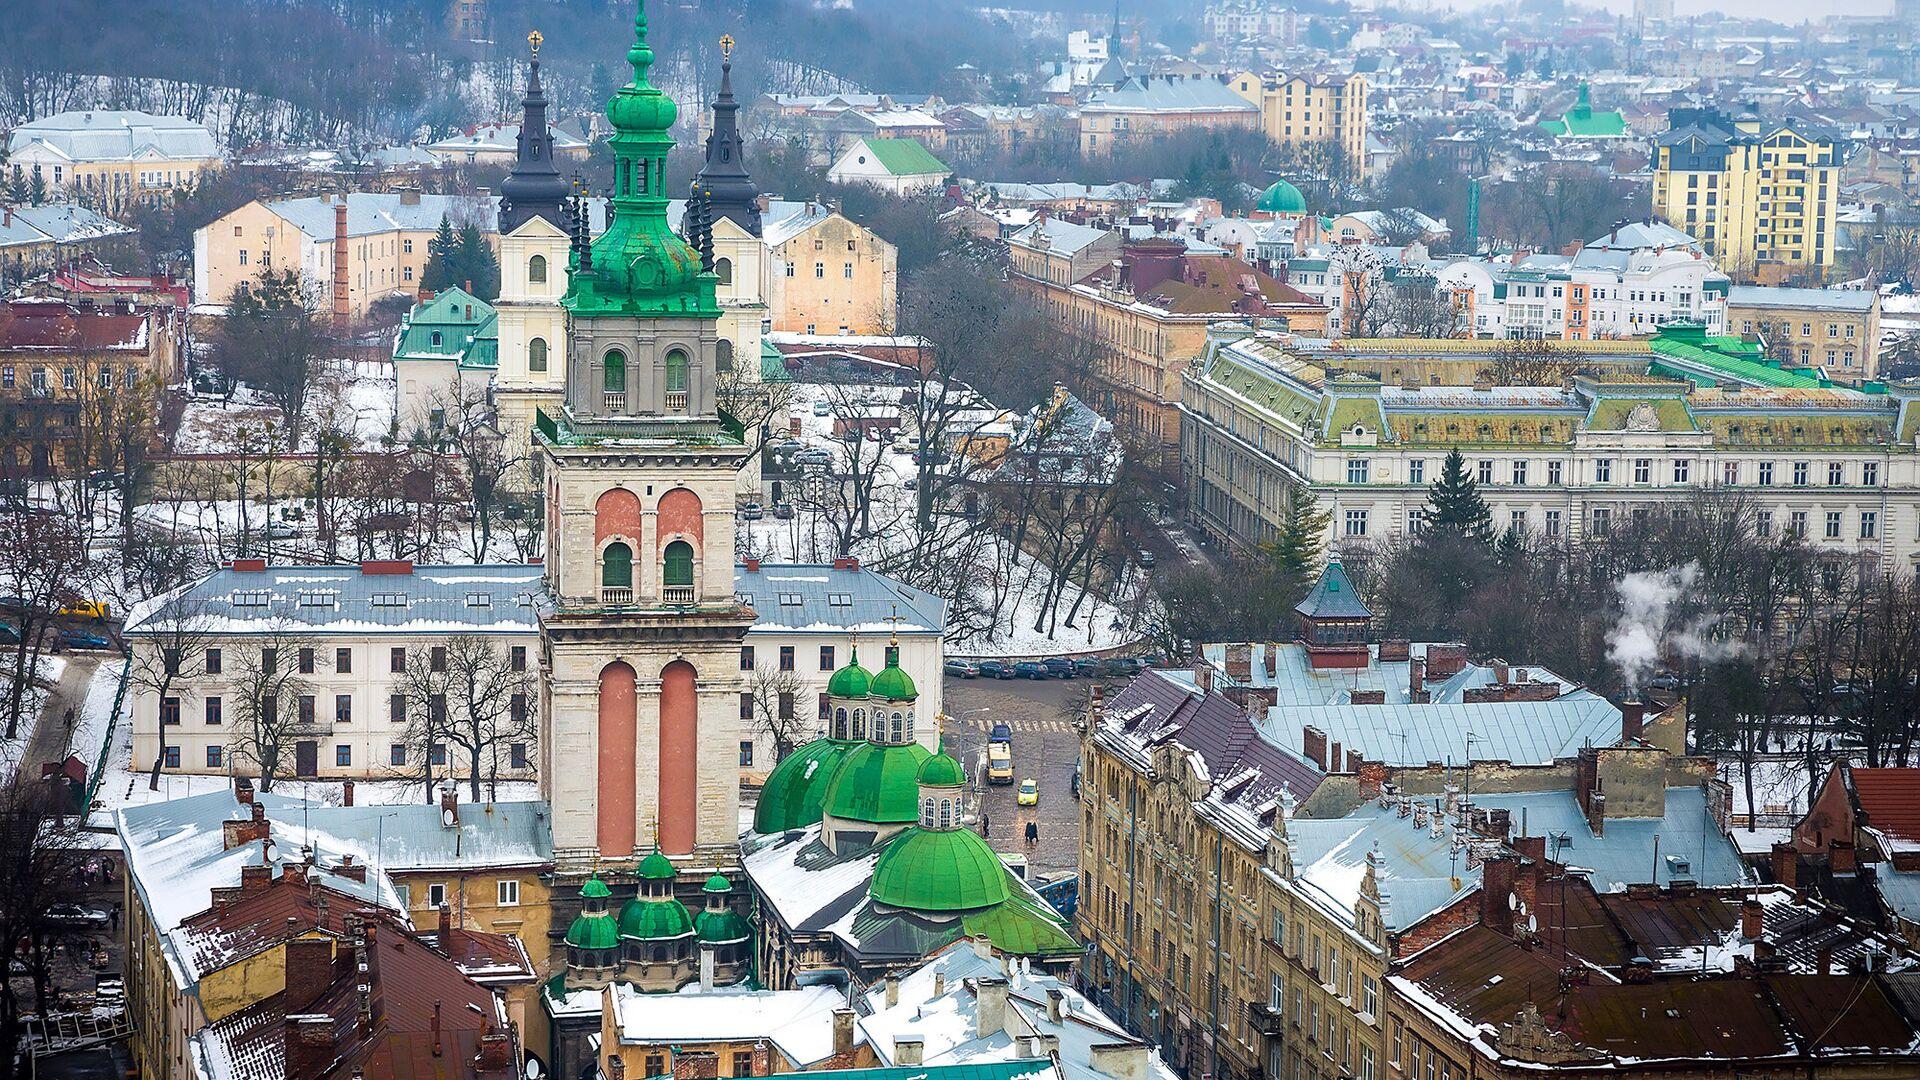 Вид на Львов, Украина - РИА Новости, 1920, 08.02.2021